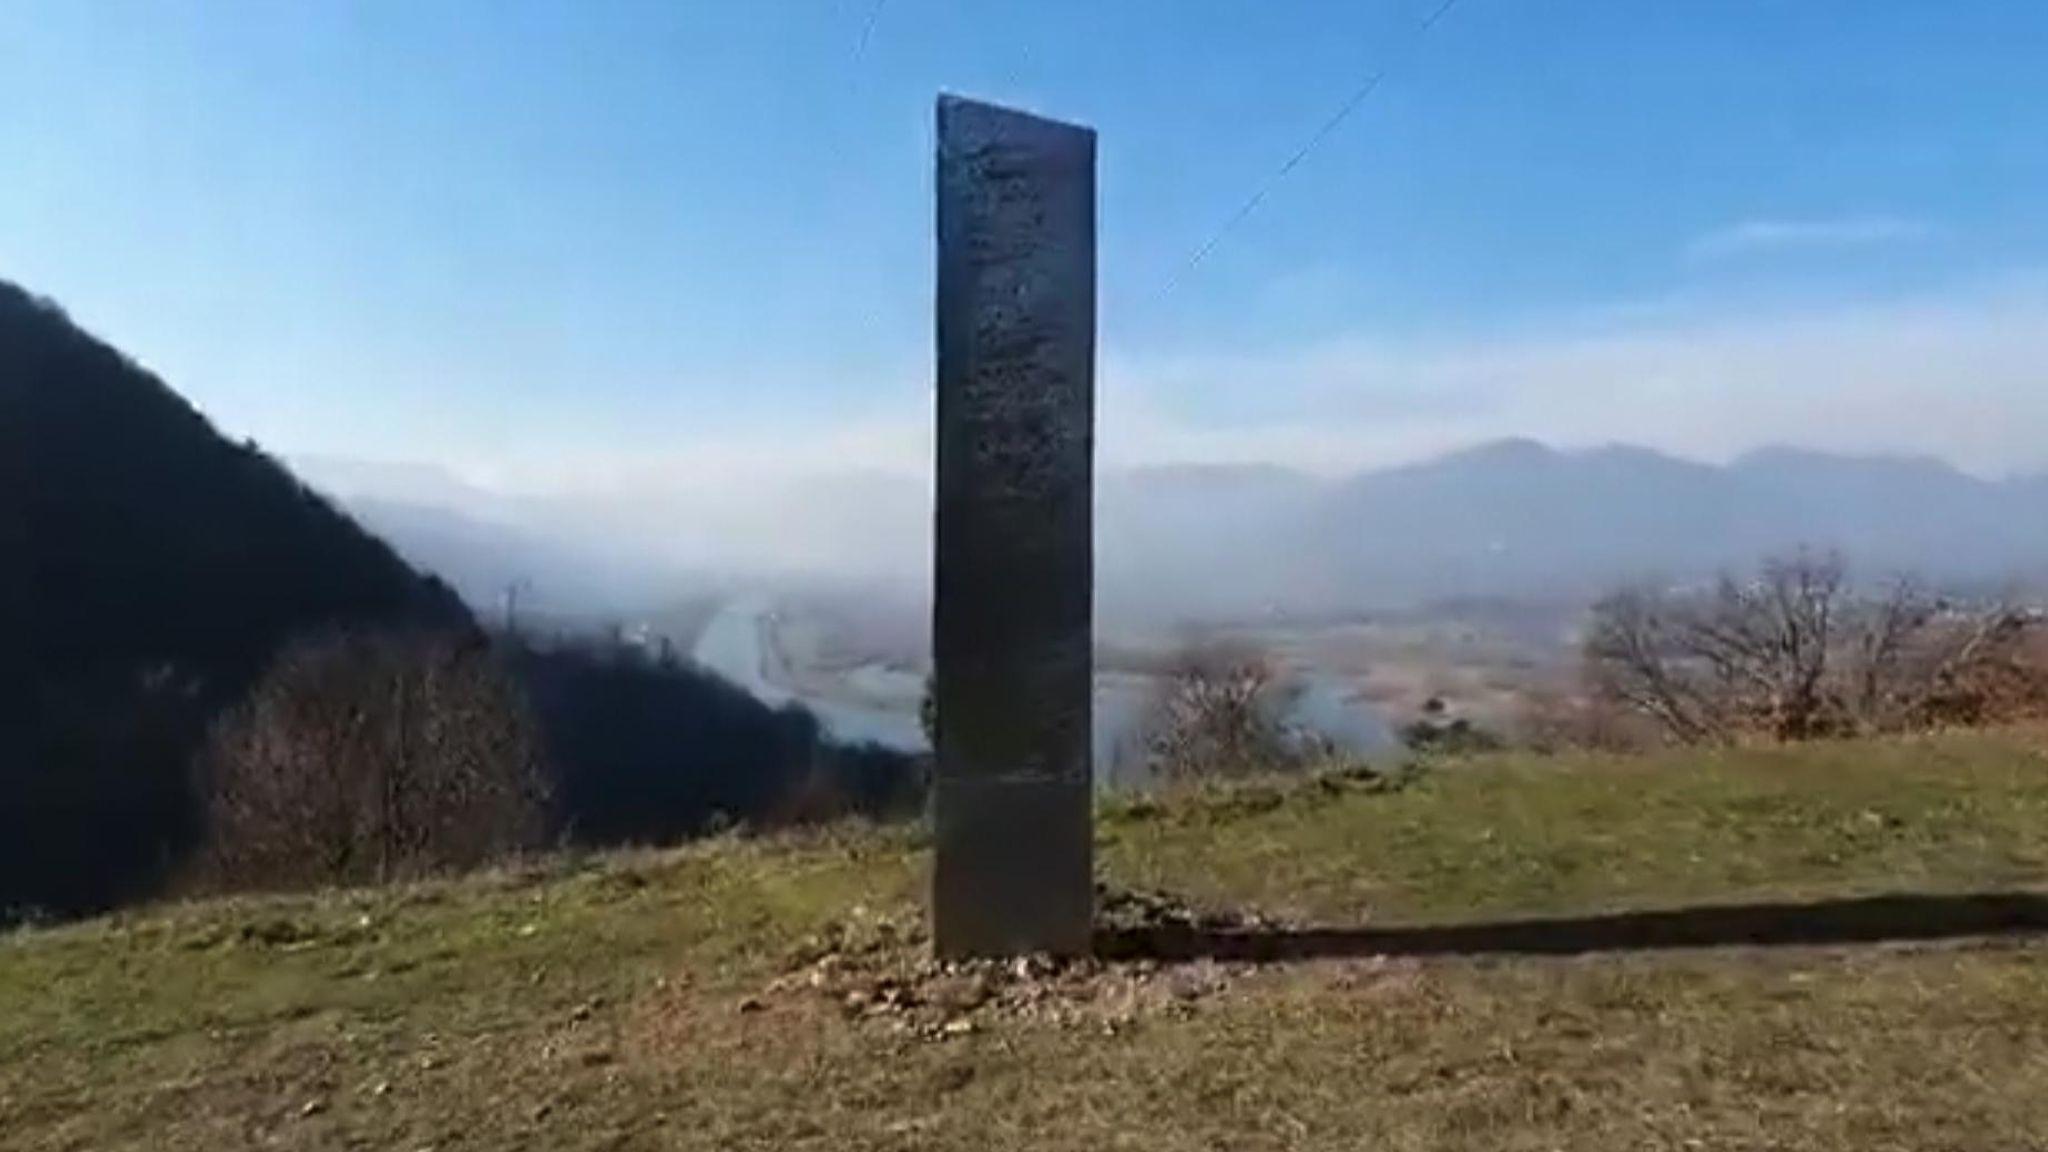 Romania-Monolith-Found